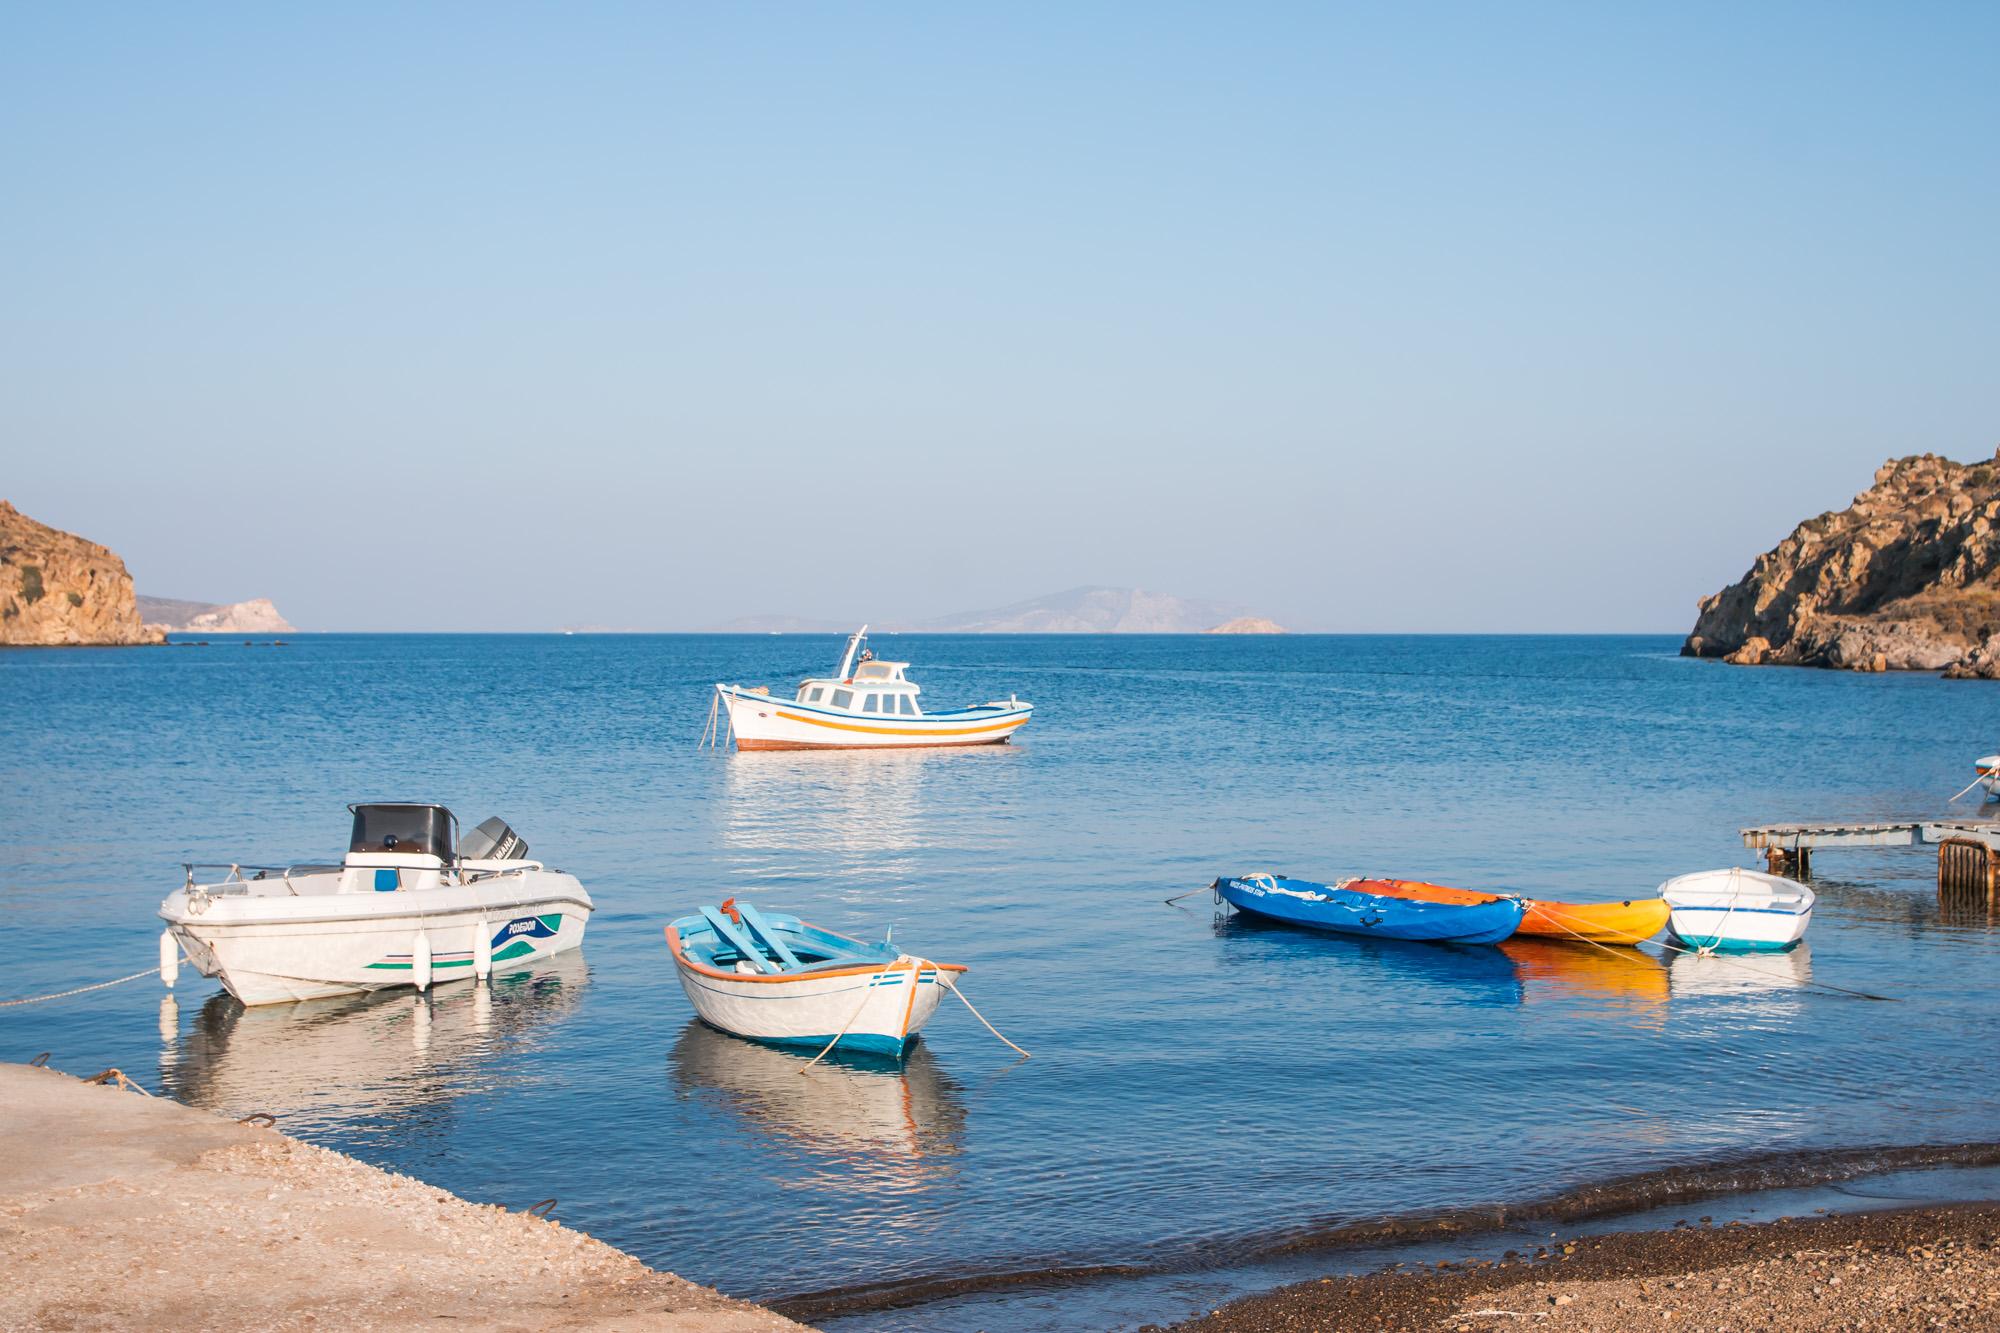 Patmos Idylle am Strand mit kleinen Booten